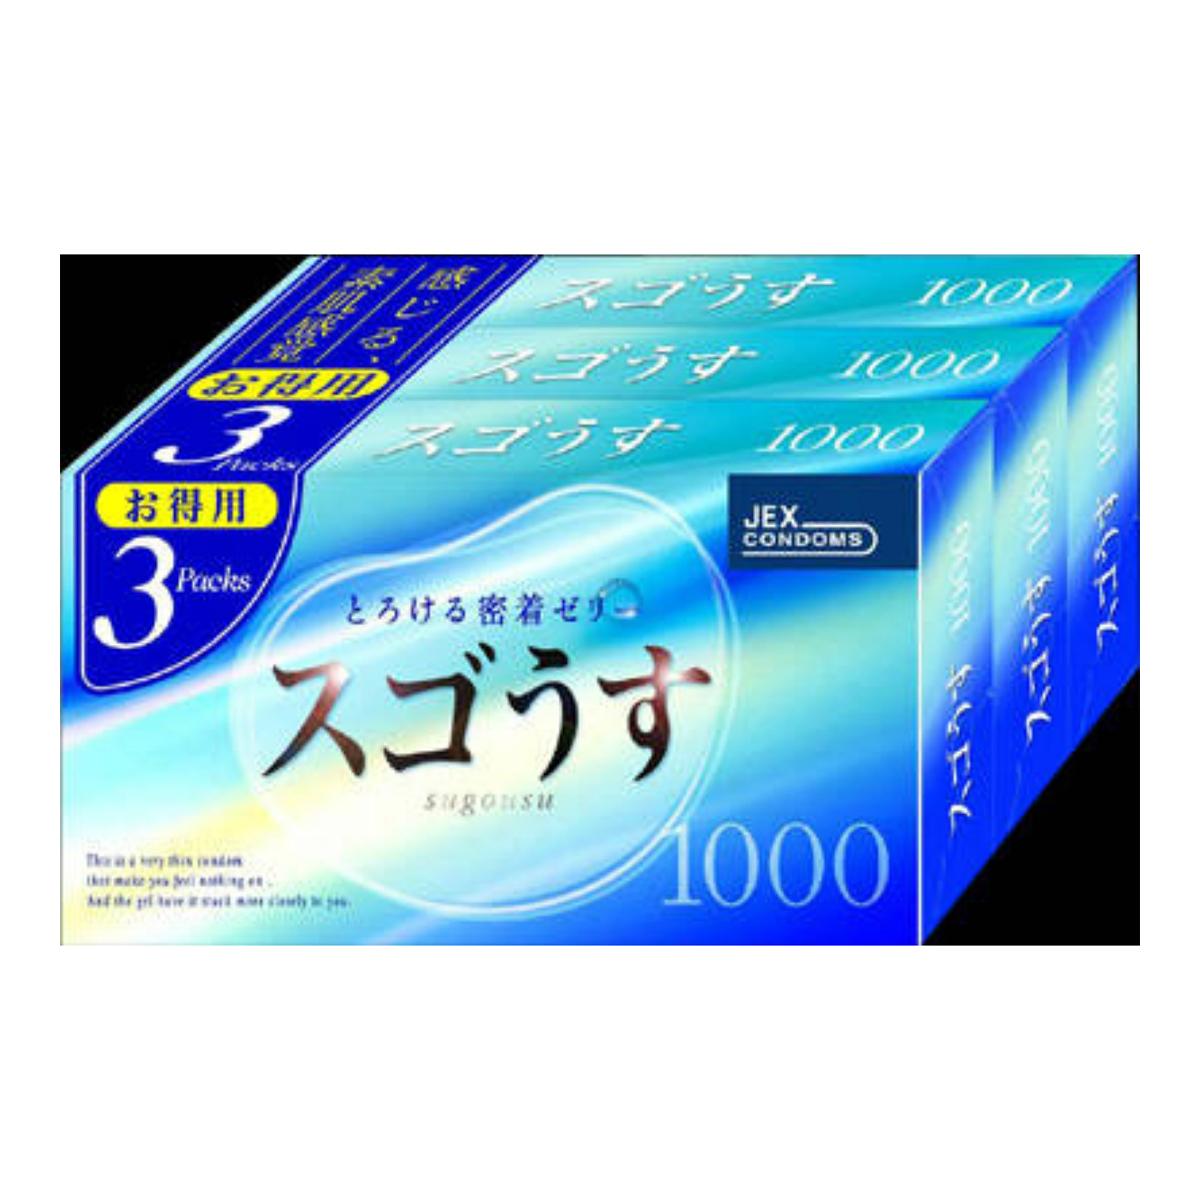 【送料無料・まとめ買い×40】ジェクス スゴうす1000 12個入×3個パック×40点セット ( コンドーム 避妊具 condom )  まとめ買い特価!ケース販売 ( 4973210019239 )